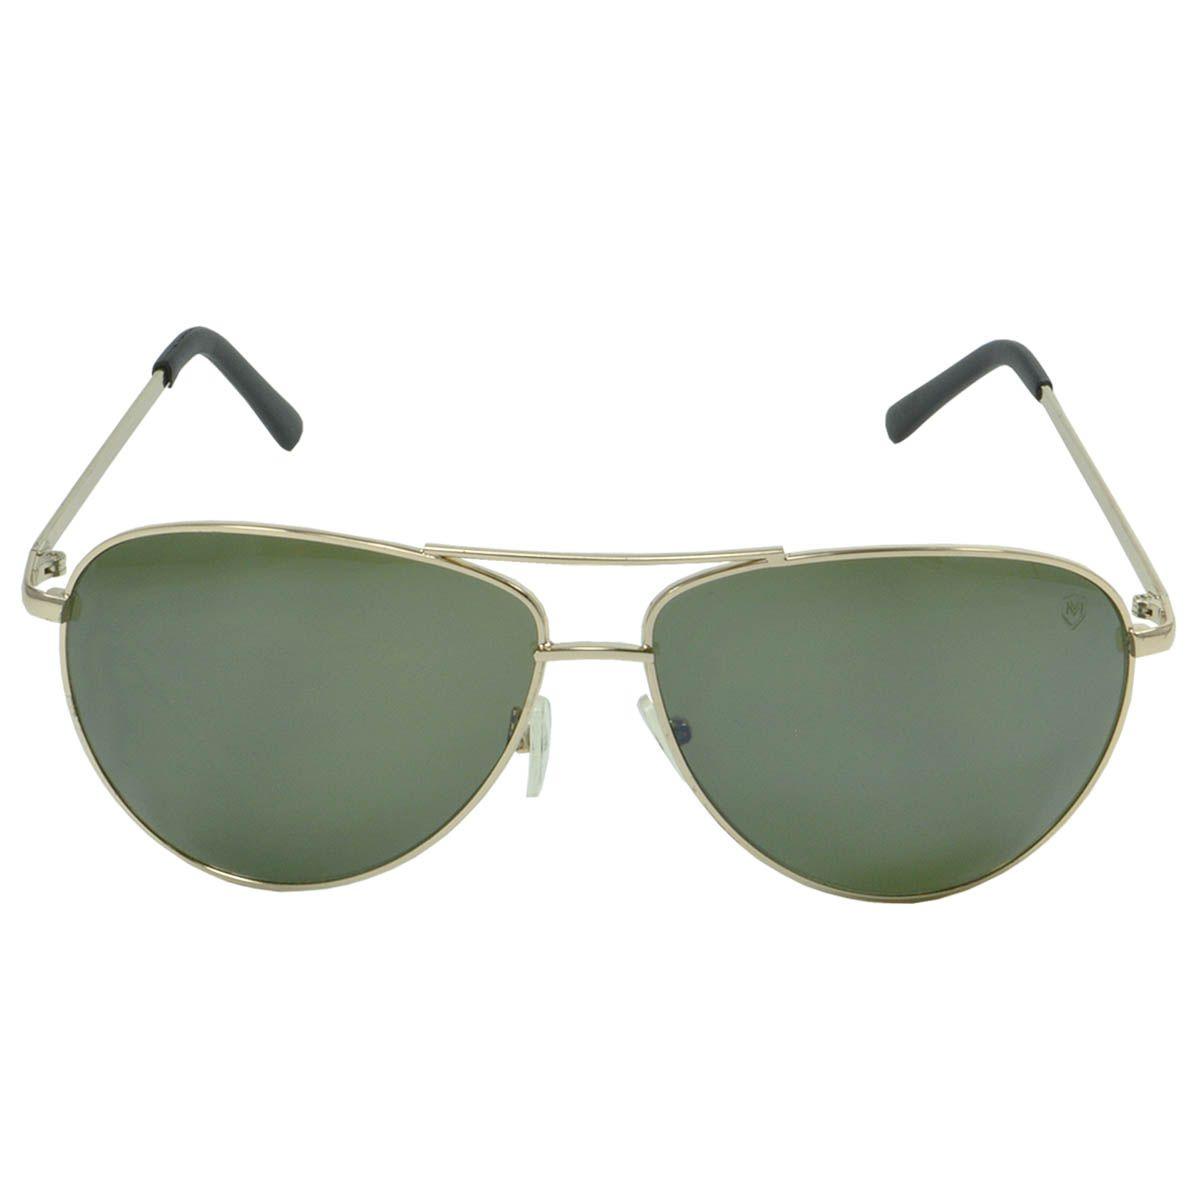 Óculos de Sol Unissex Mackage MK2064 Dourado